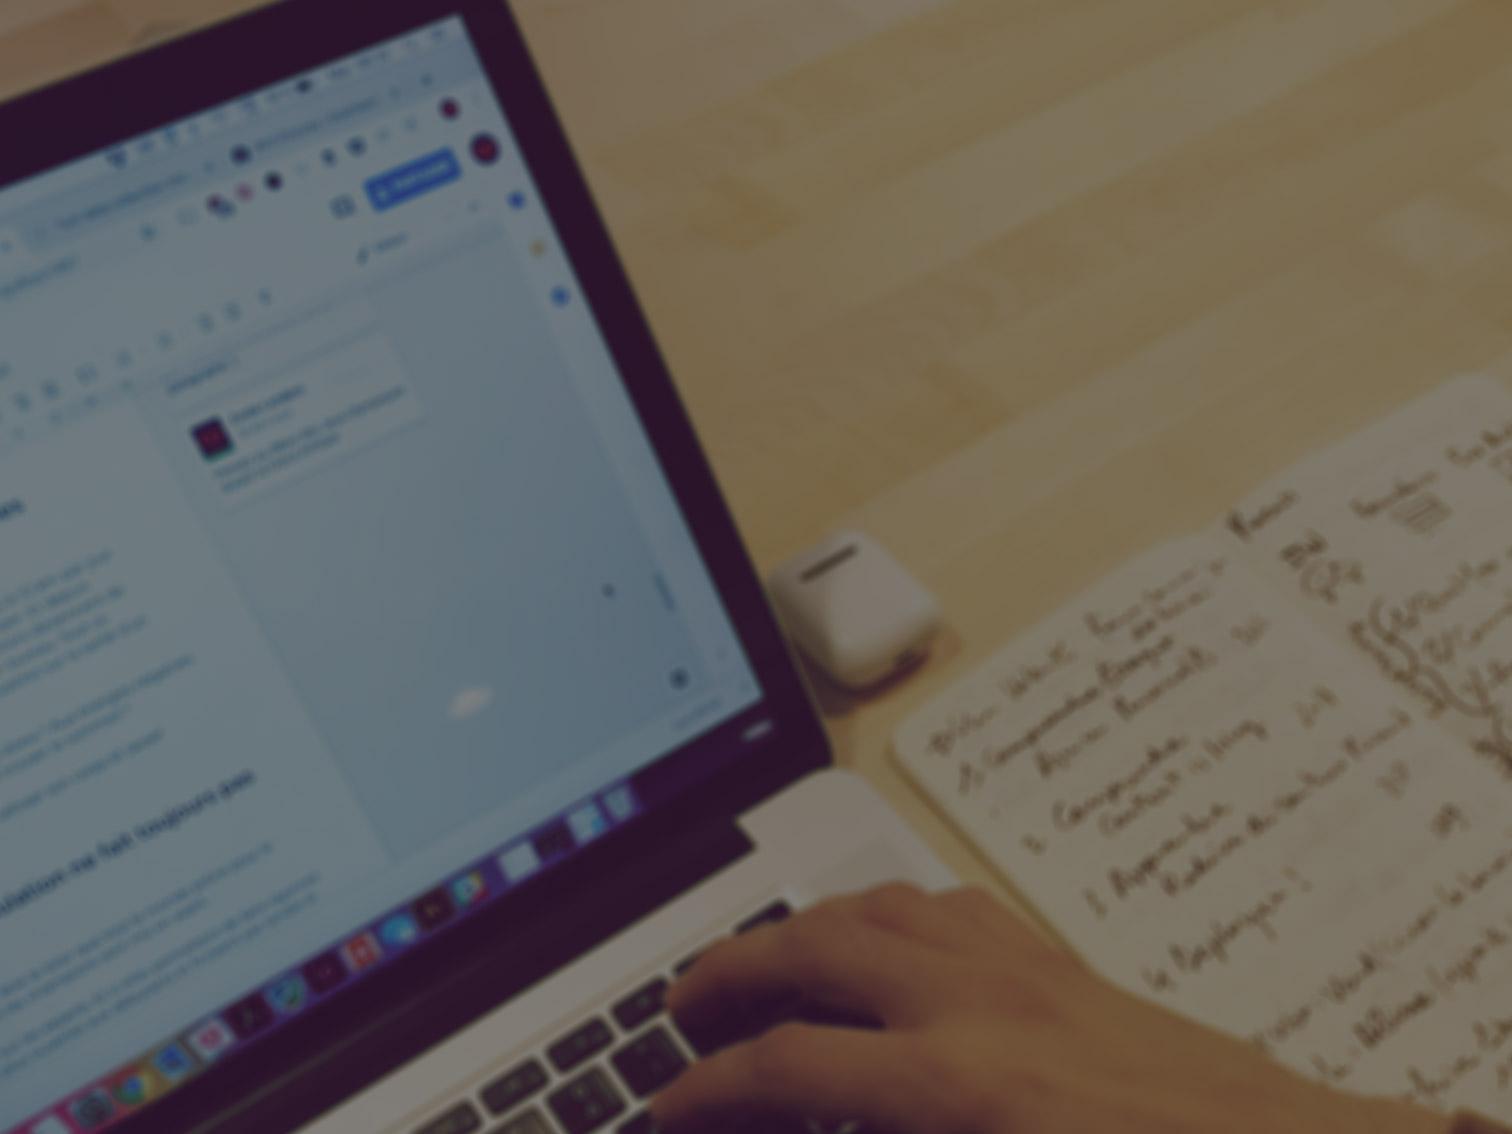 Votre Ghost Writer vous accompagne dans toutes vos prises de paroles - 1. mise en place de votre stratégie2. production de vos contenus3. reporting de votre performance